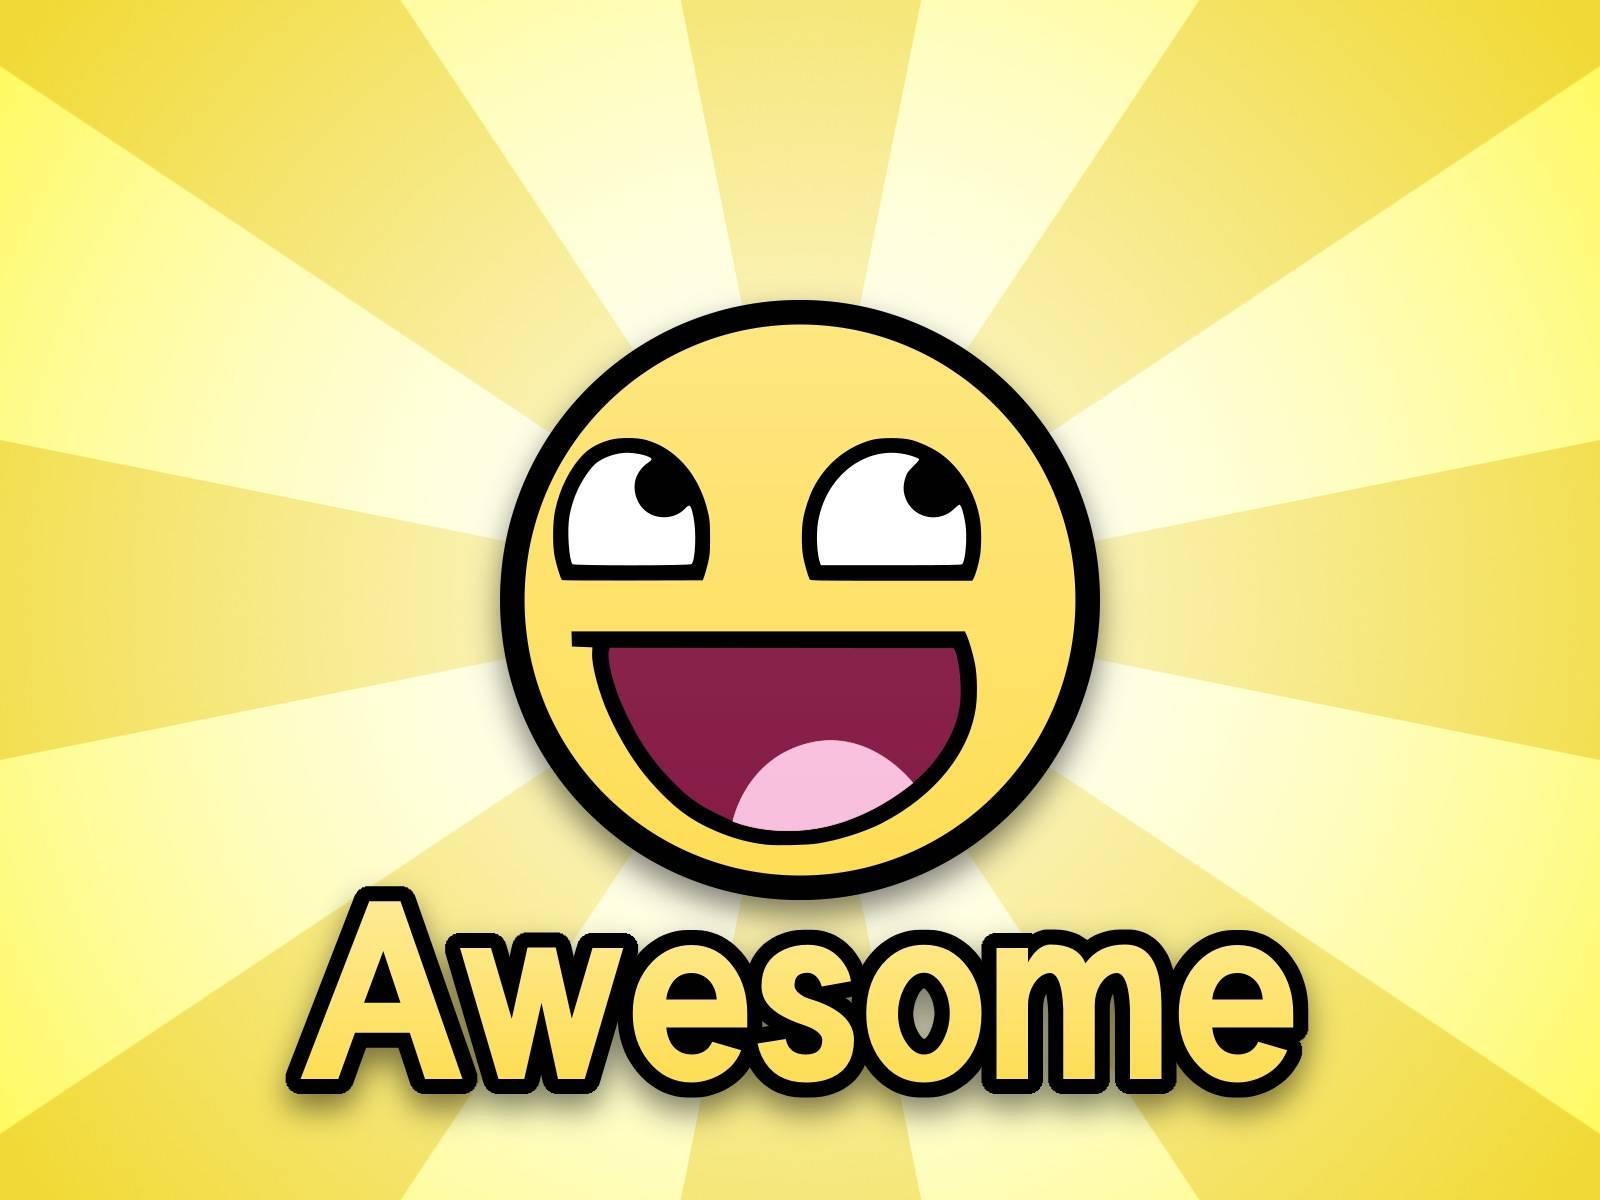 Smiley face 1600x1200 wallpaper 775678